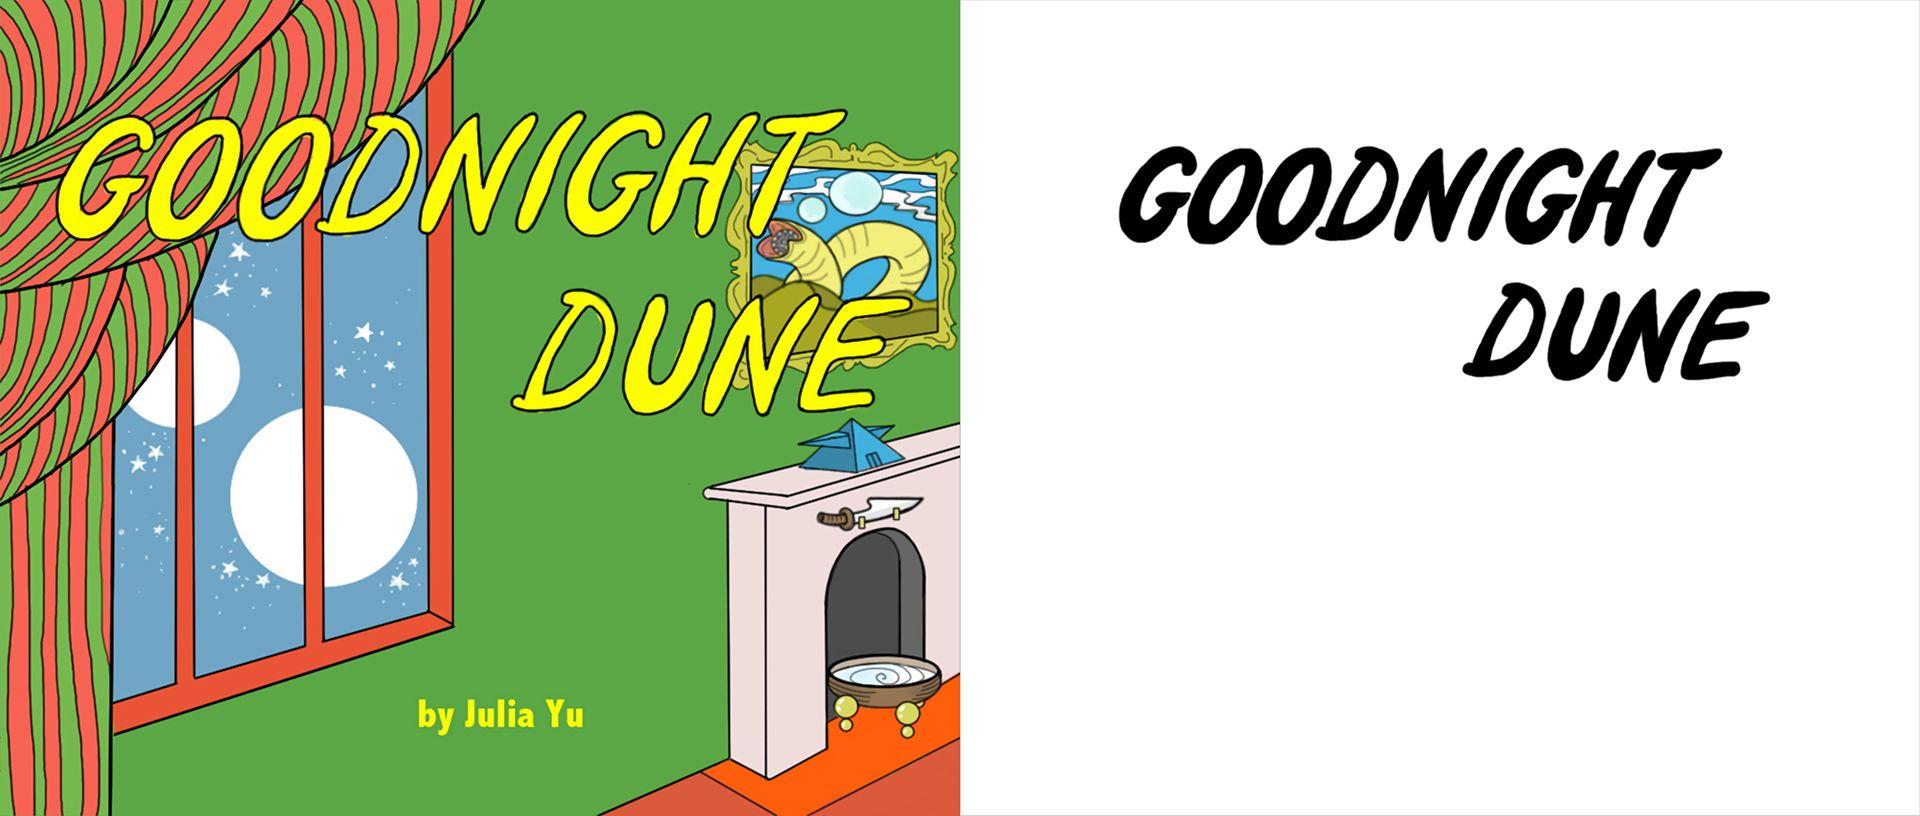 Goodnight Dune by Julia Yu